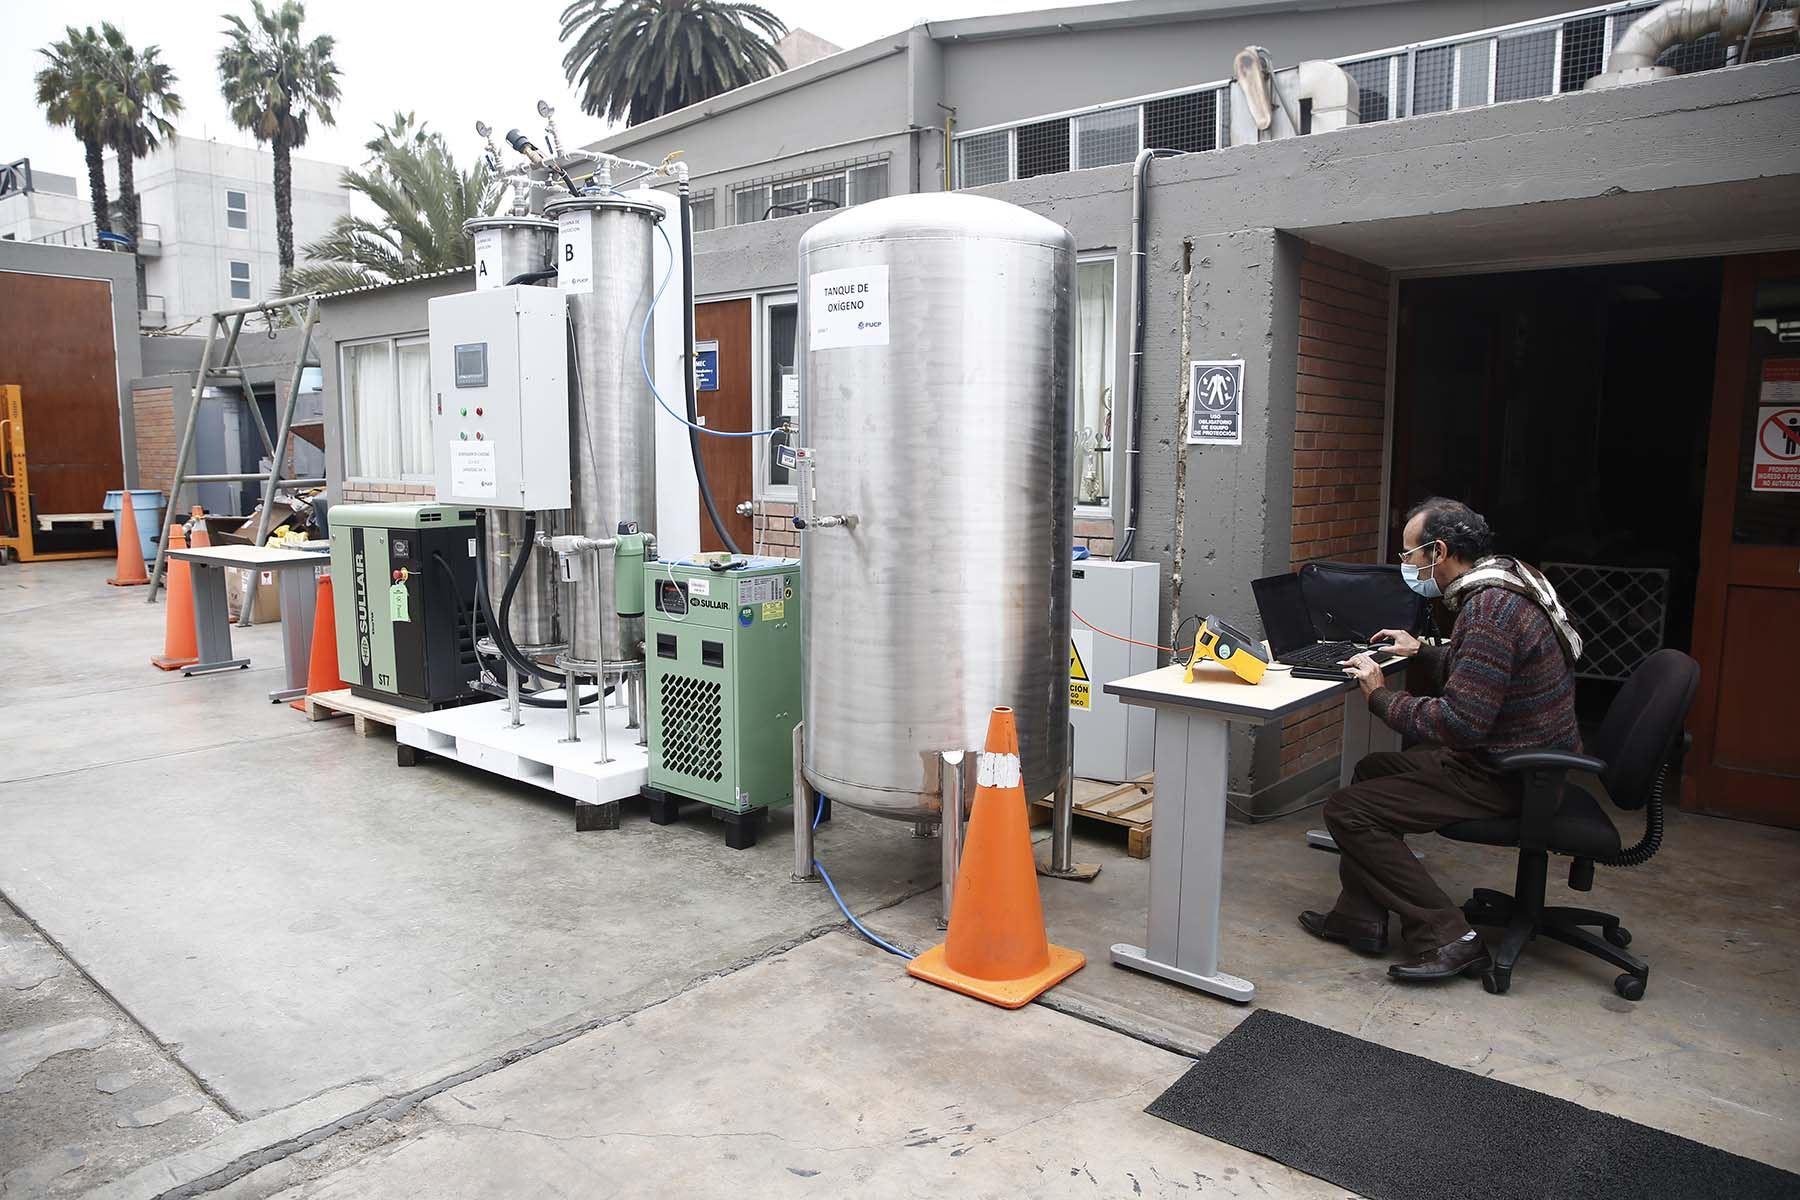 Se espera la autorización para el inicio de fabricación de estas plantas de oxígeno de bajo costo que podrán ser instaladas en los centros de salud que lo requieran.Foto: PUCP